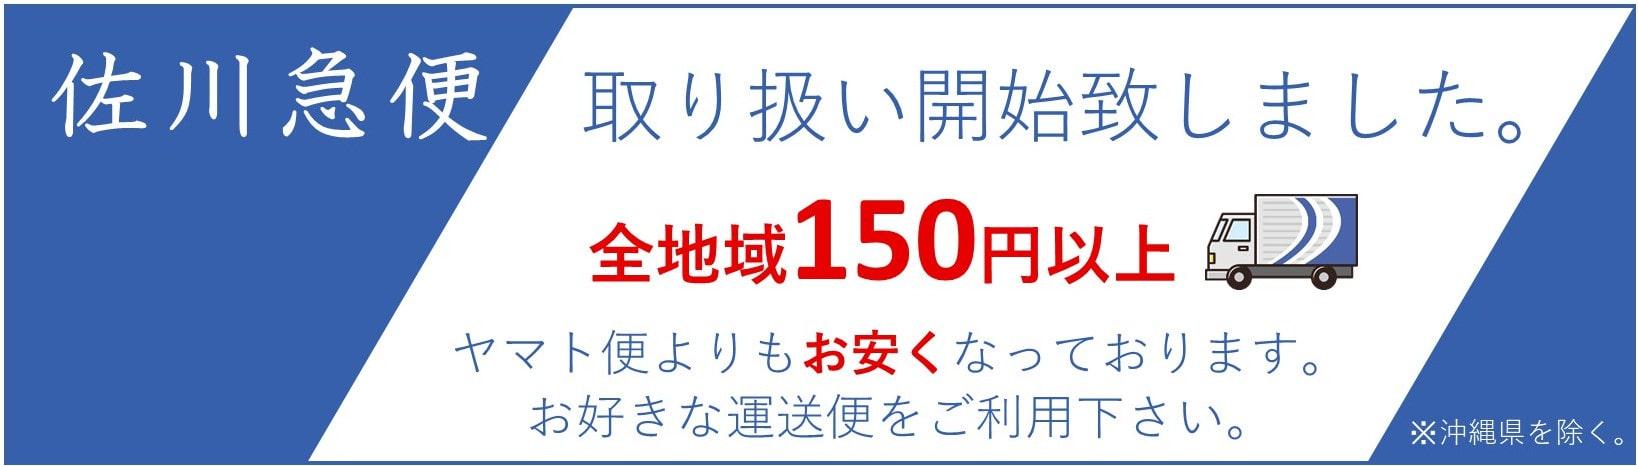 京都鳳焼売佐川急便開始 ヤマトより150円お買い得